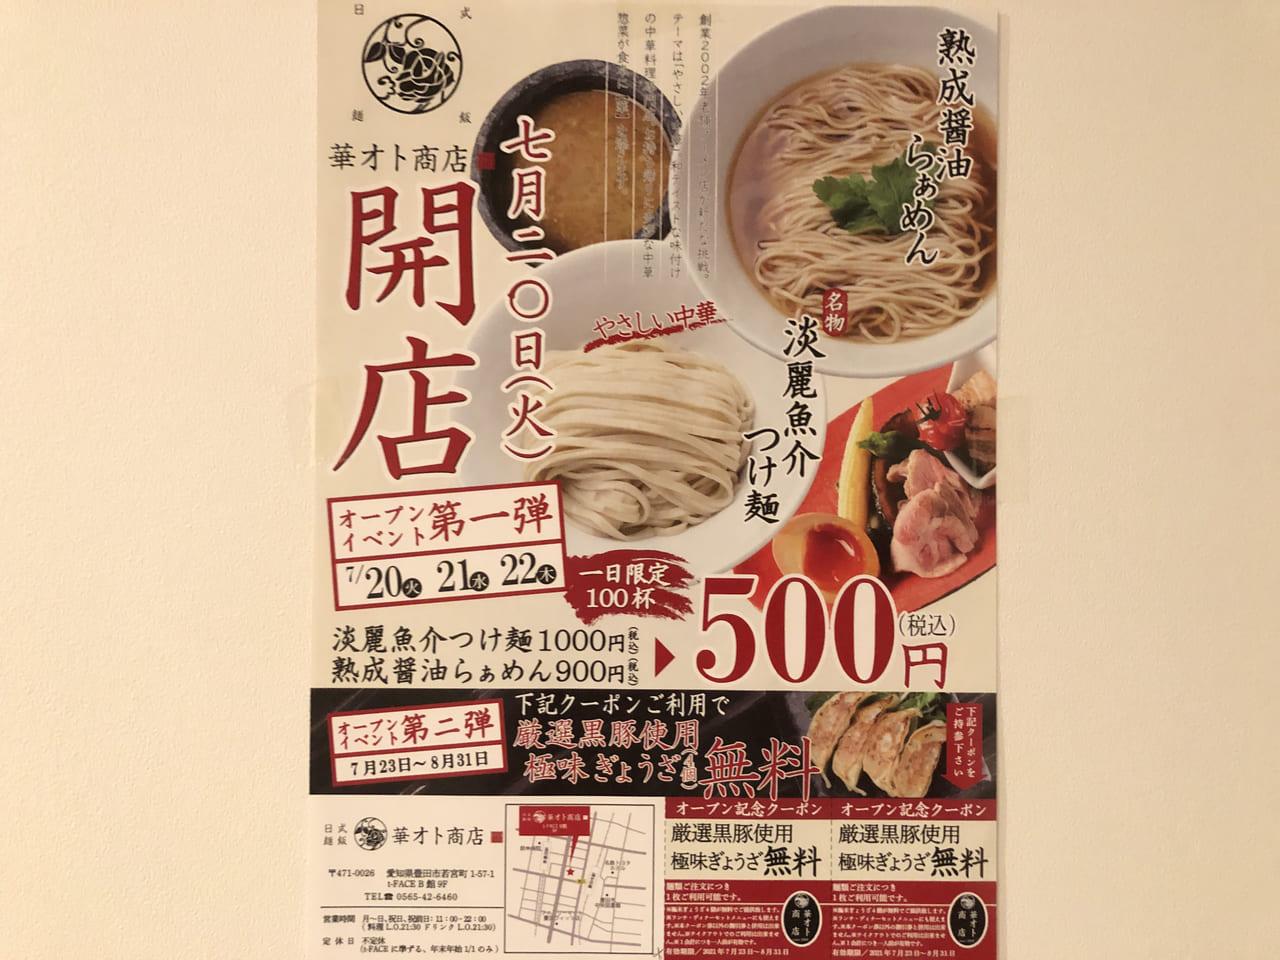 日式麺飯「華オト商店」チラシ